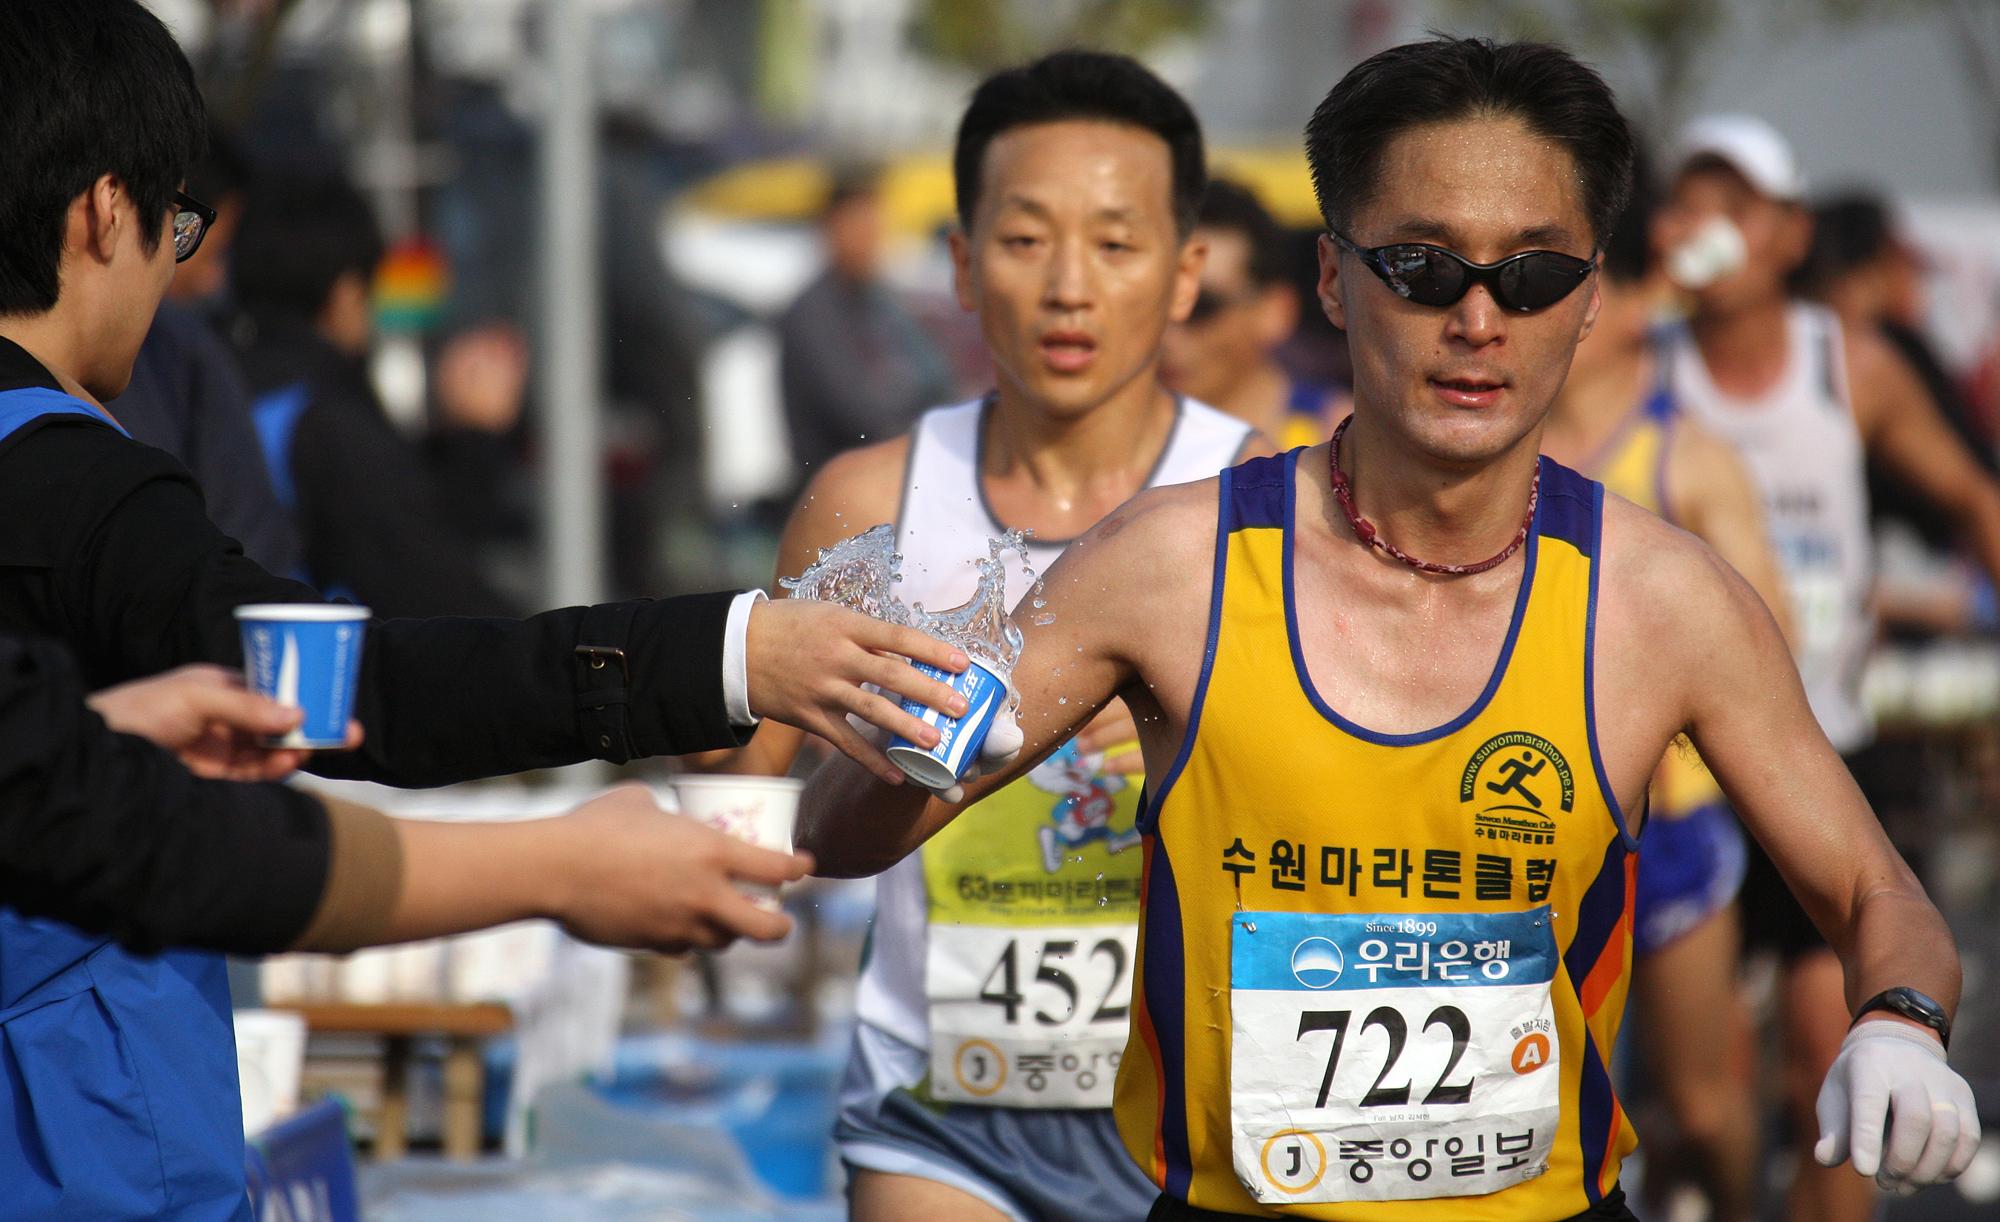 지난 2008년 11월 2일 중앙마라톤 풀코스 참가자들이 반환점 부근에서 음료수를 받고 있다.박종근 기자